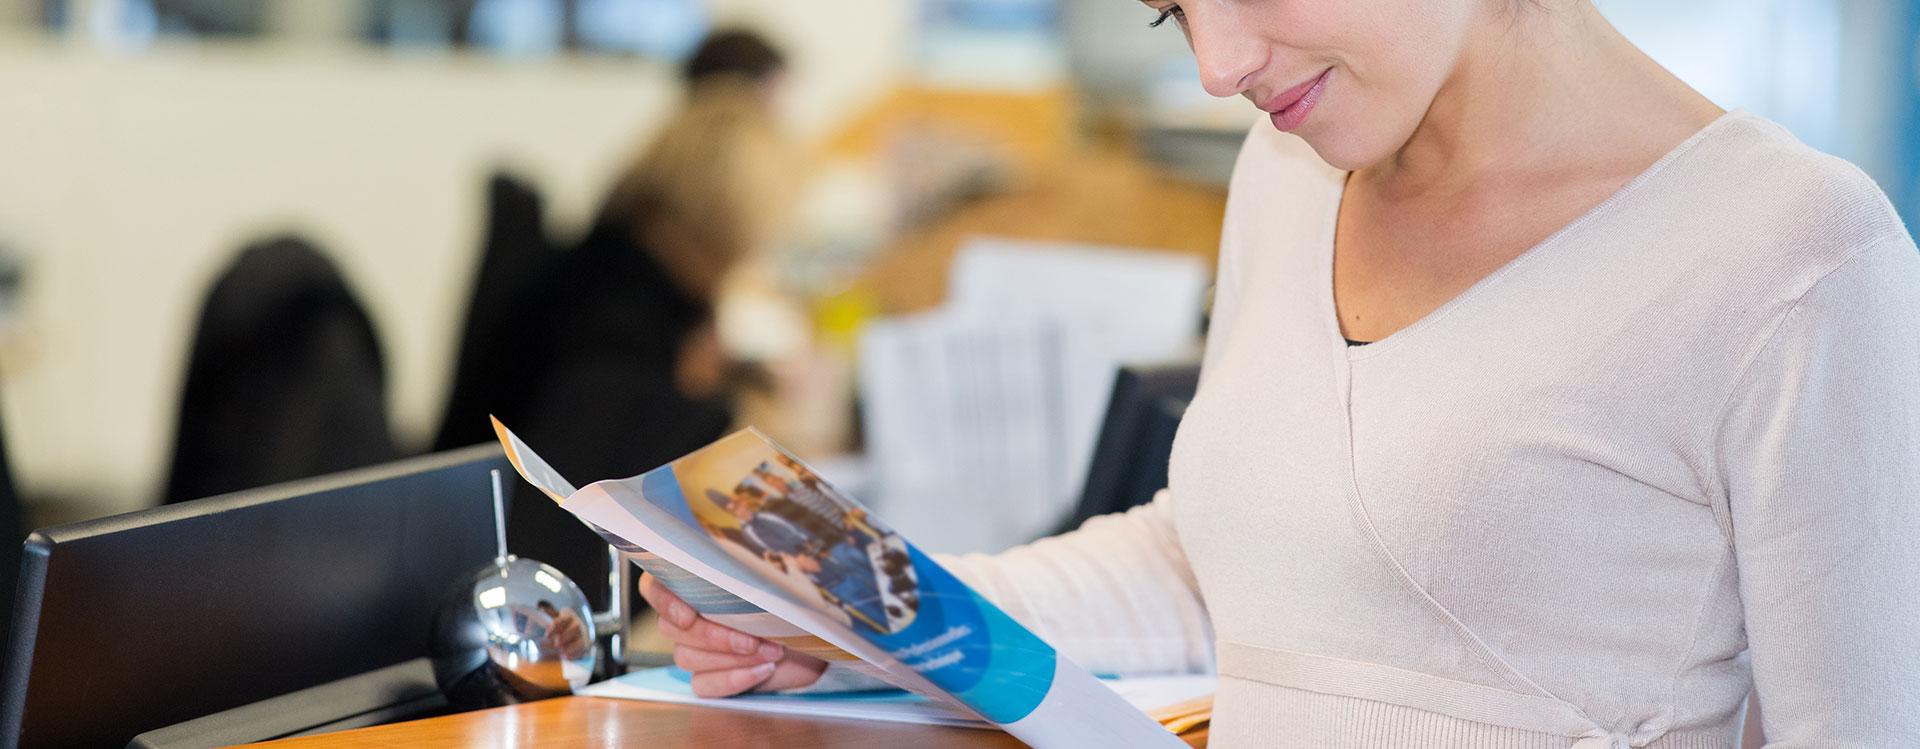 Broschyrer, kopiering och visitkort